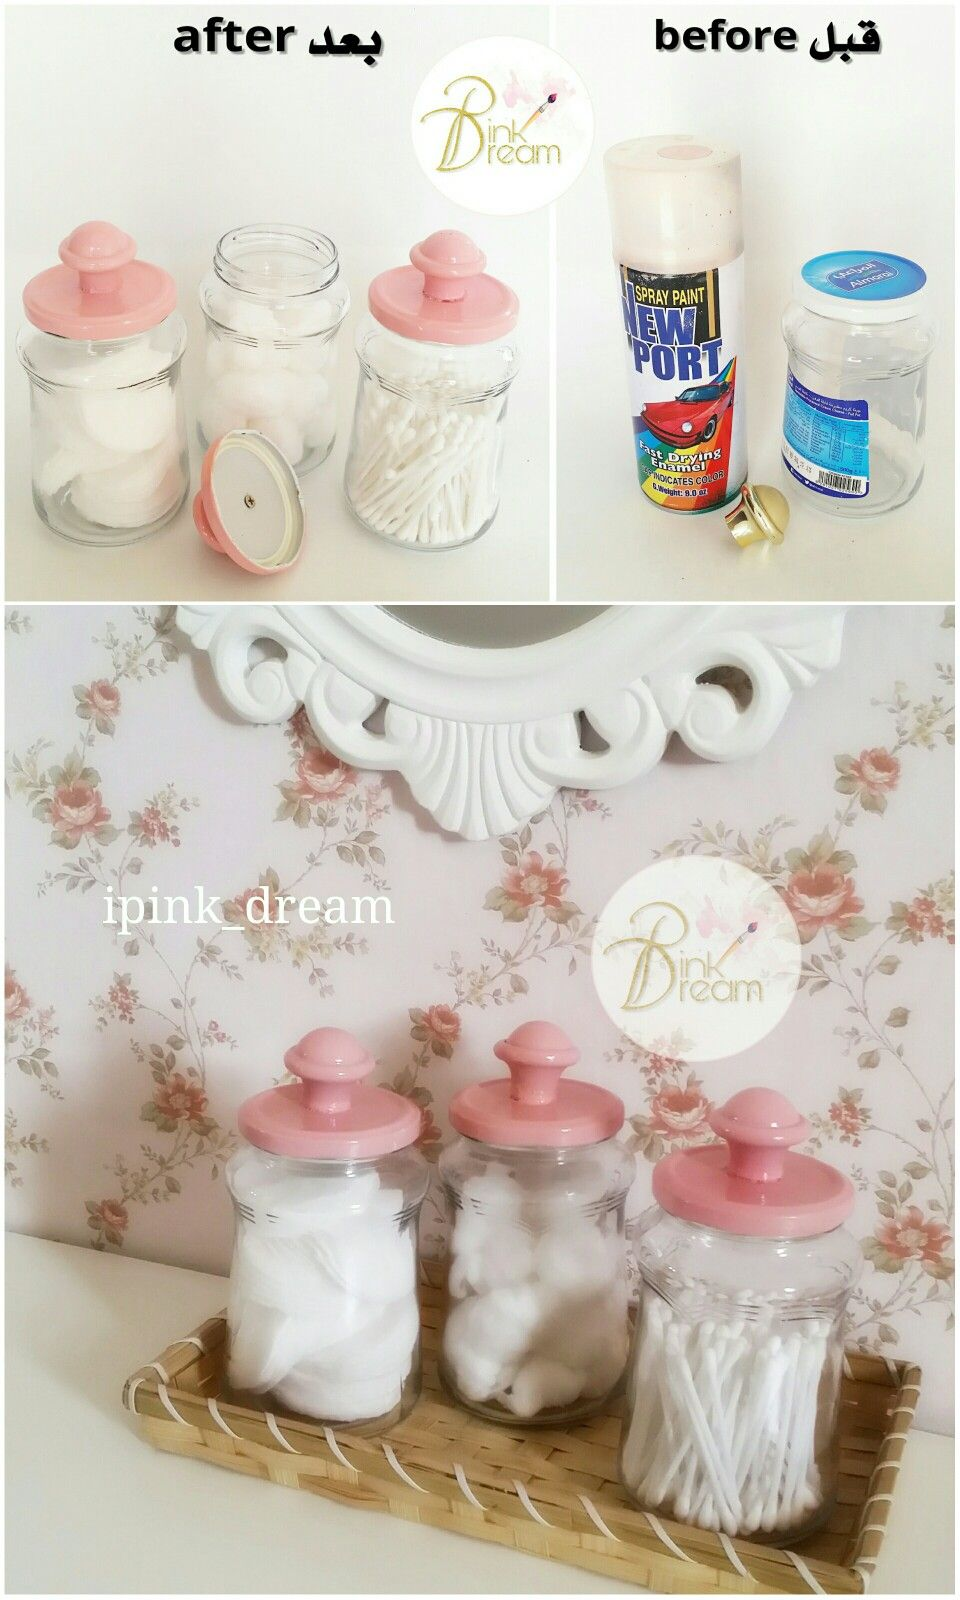 إعادة استخدام علب الجبنة الفارغة ليصبح حافظة للقطن وأعواد الأذن اعادة تدوير Recycle Ramadan Crafts Diy Bottle Crafts Bottle Crafts